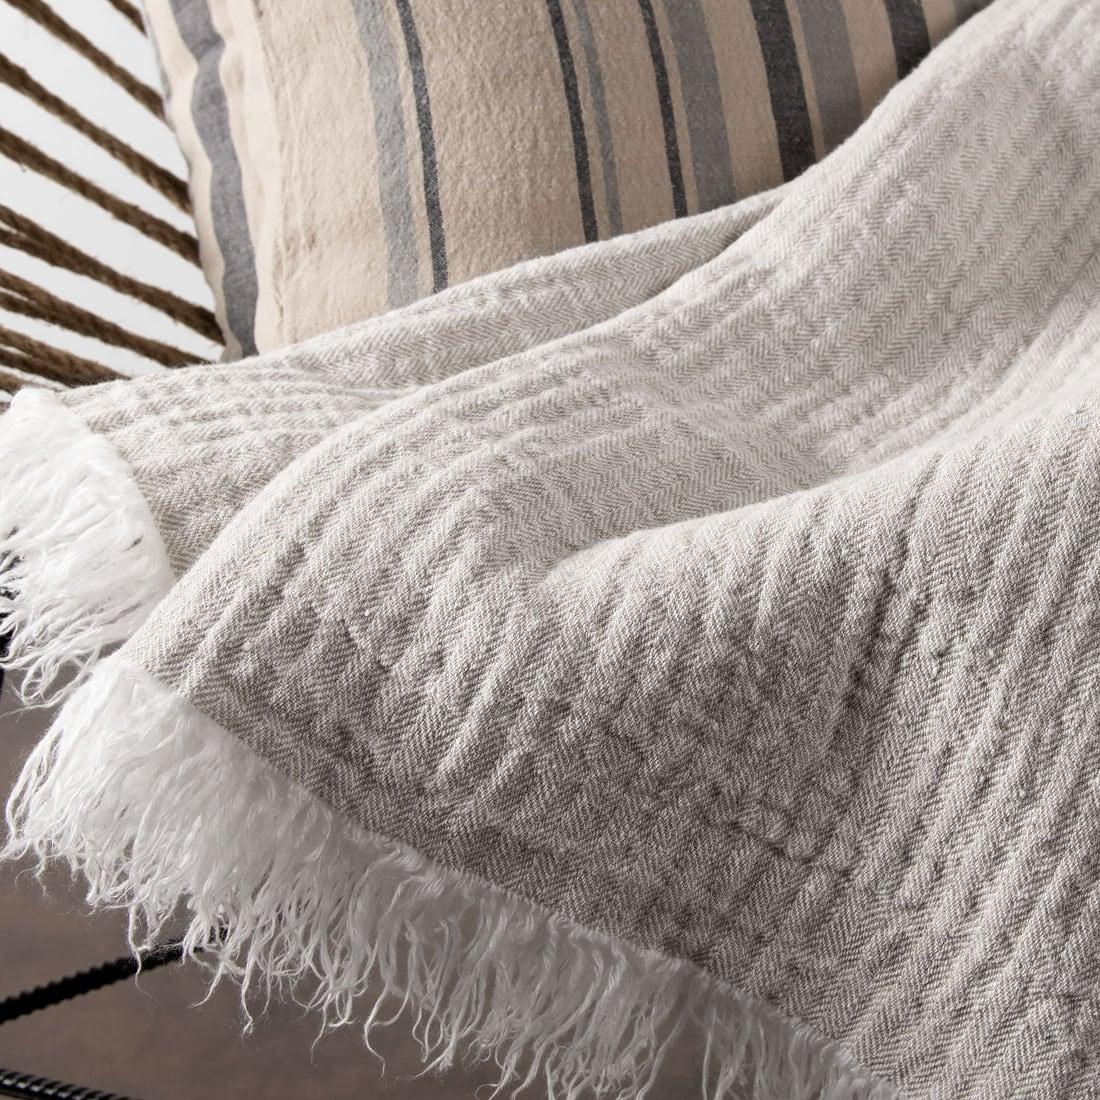 Light grey handmade patterned linen blanket